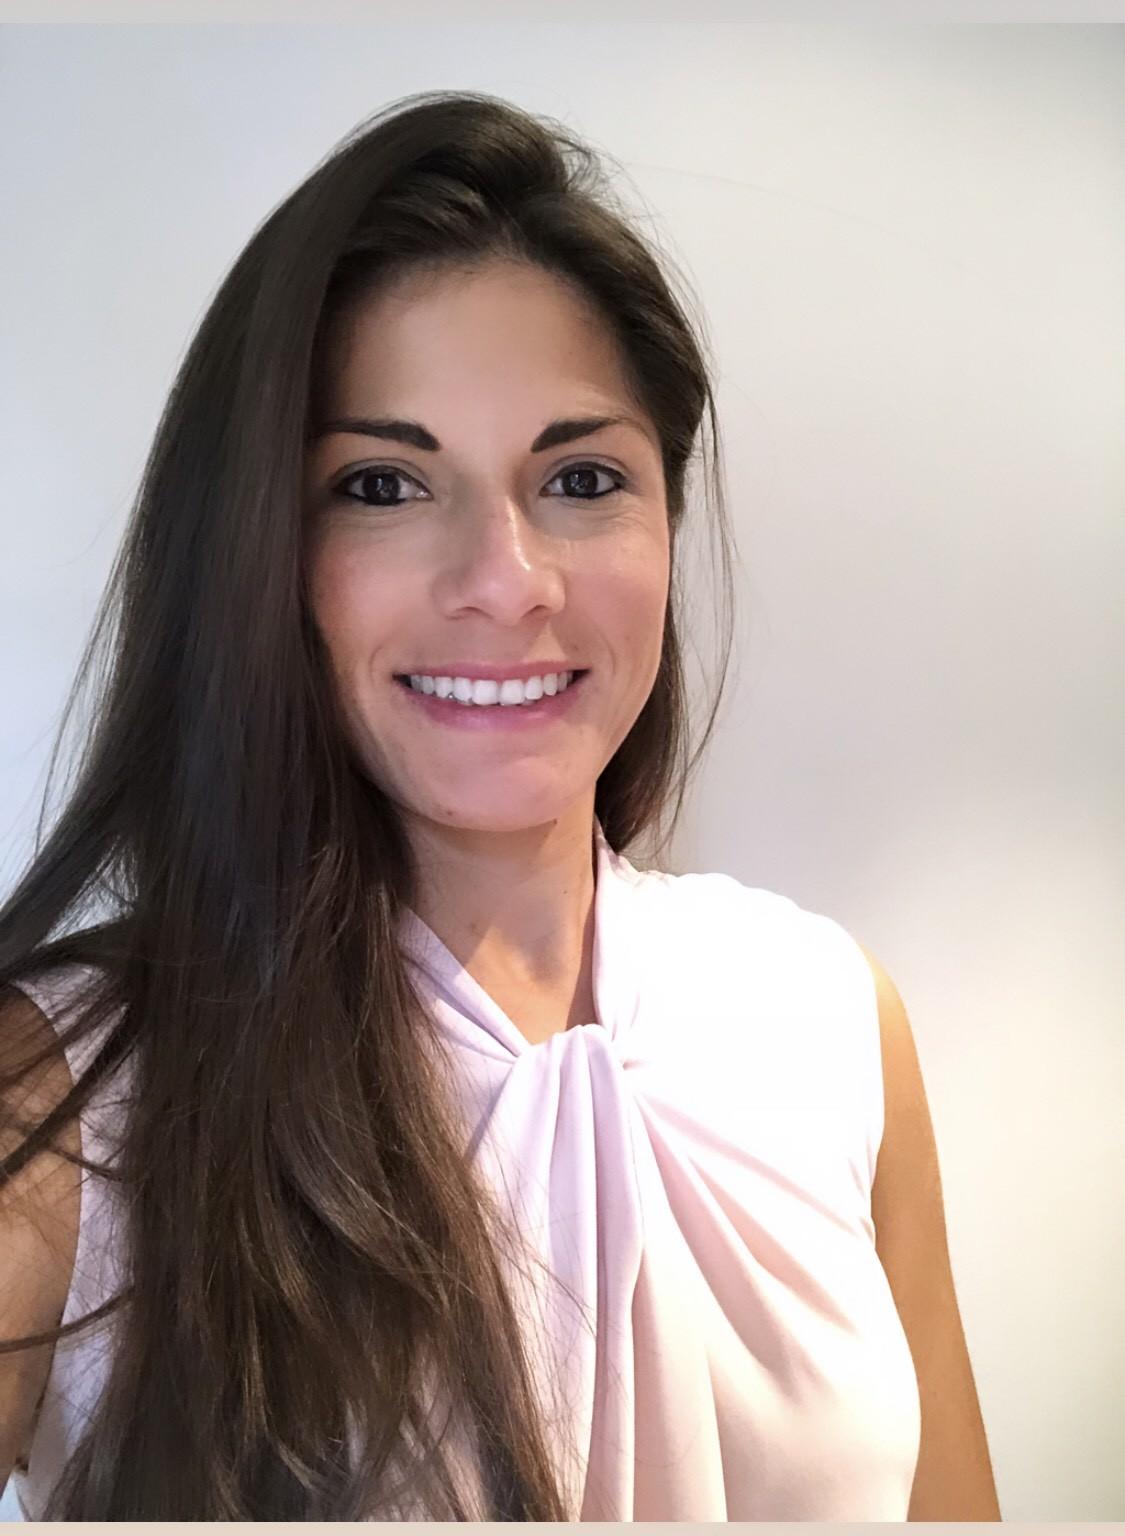 Andrea-M